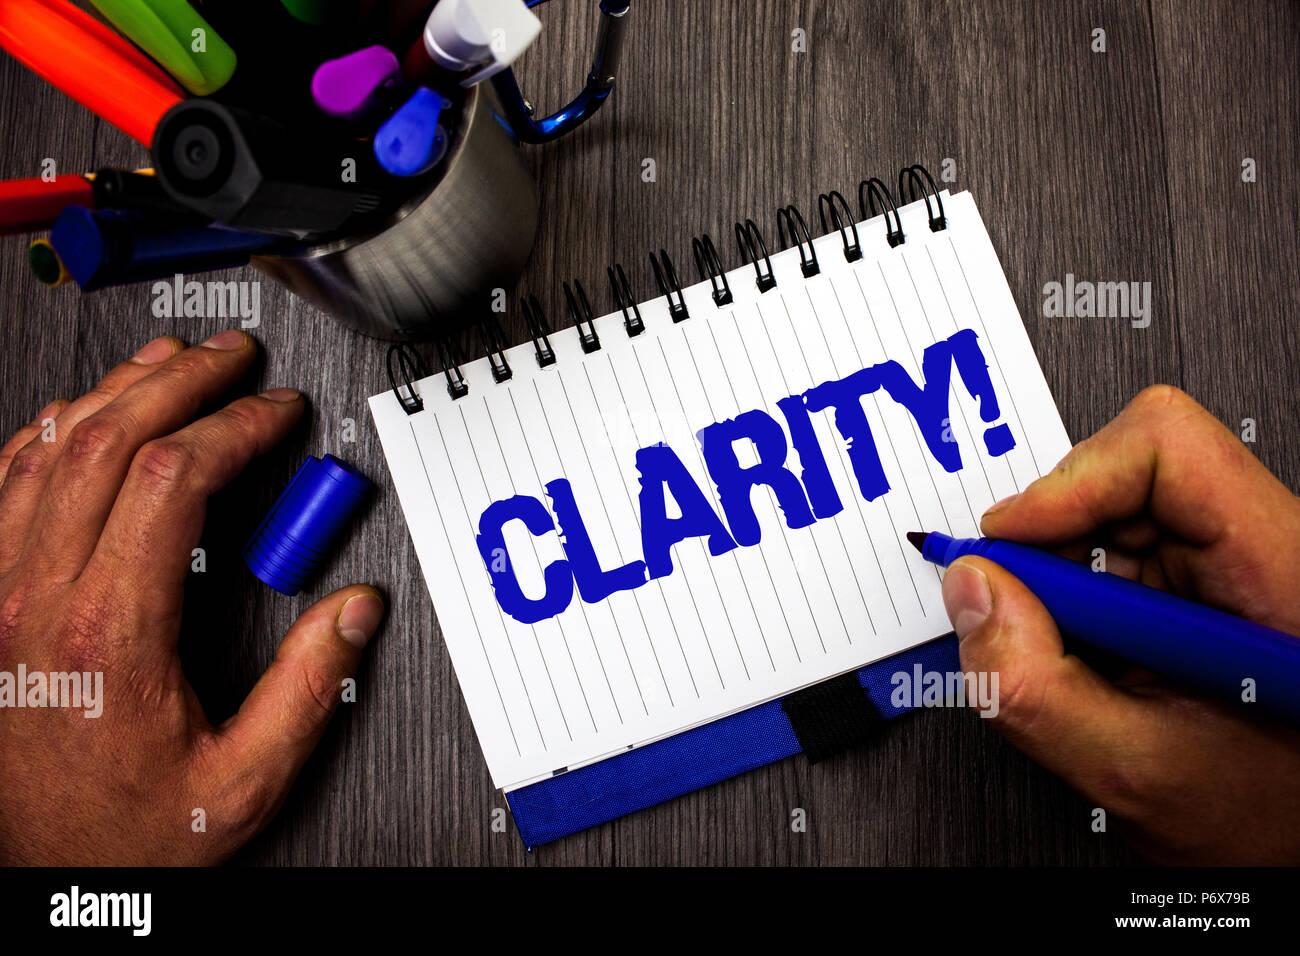 Escritura de texto escrito de claridad. Concepto Significado certeza Precision pureza comprensibilidad transparencia exactitud hombre espera celebrar el marcador portátil Imagen De Stock